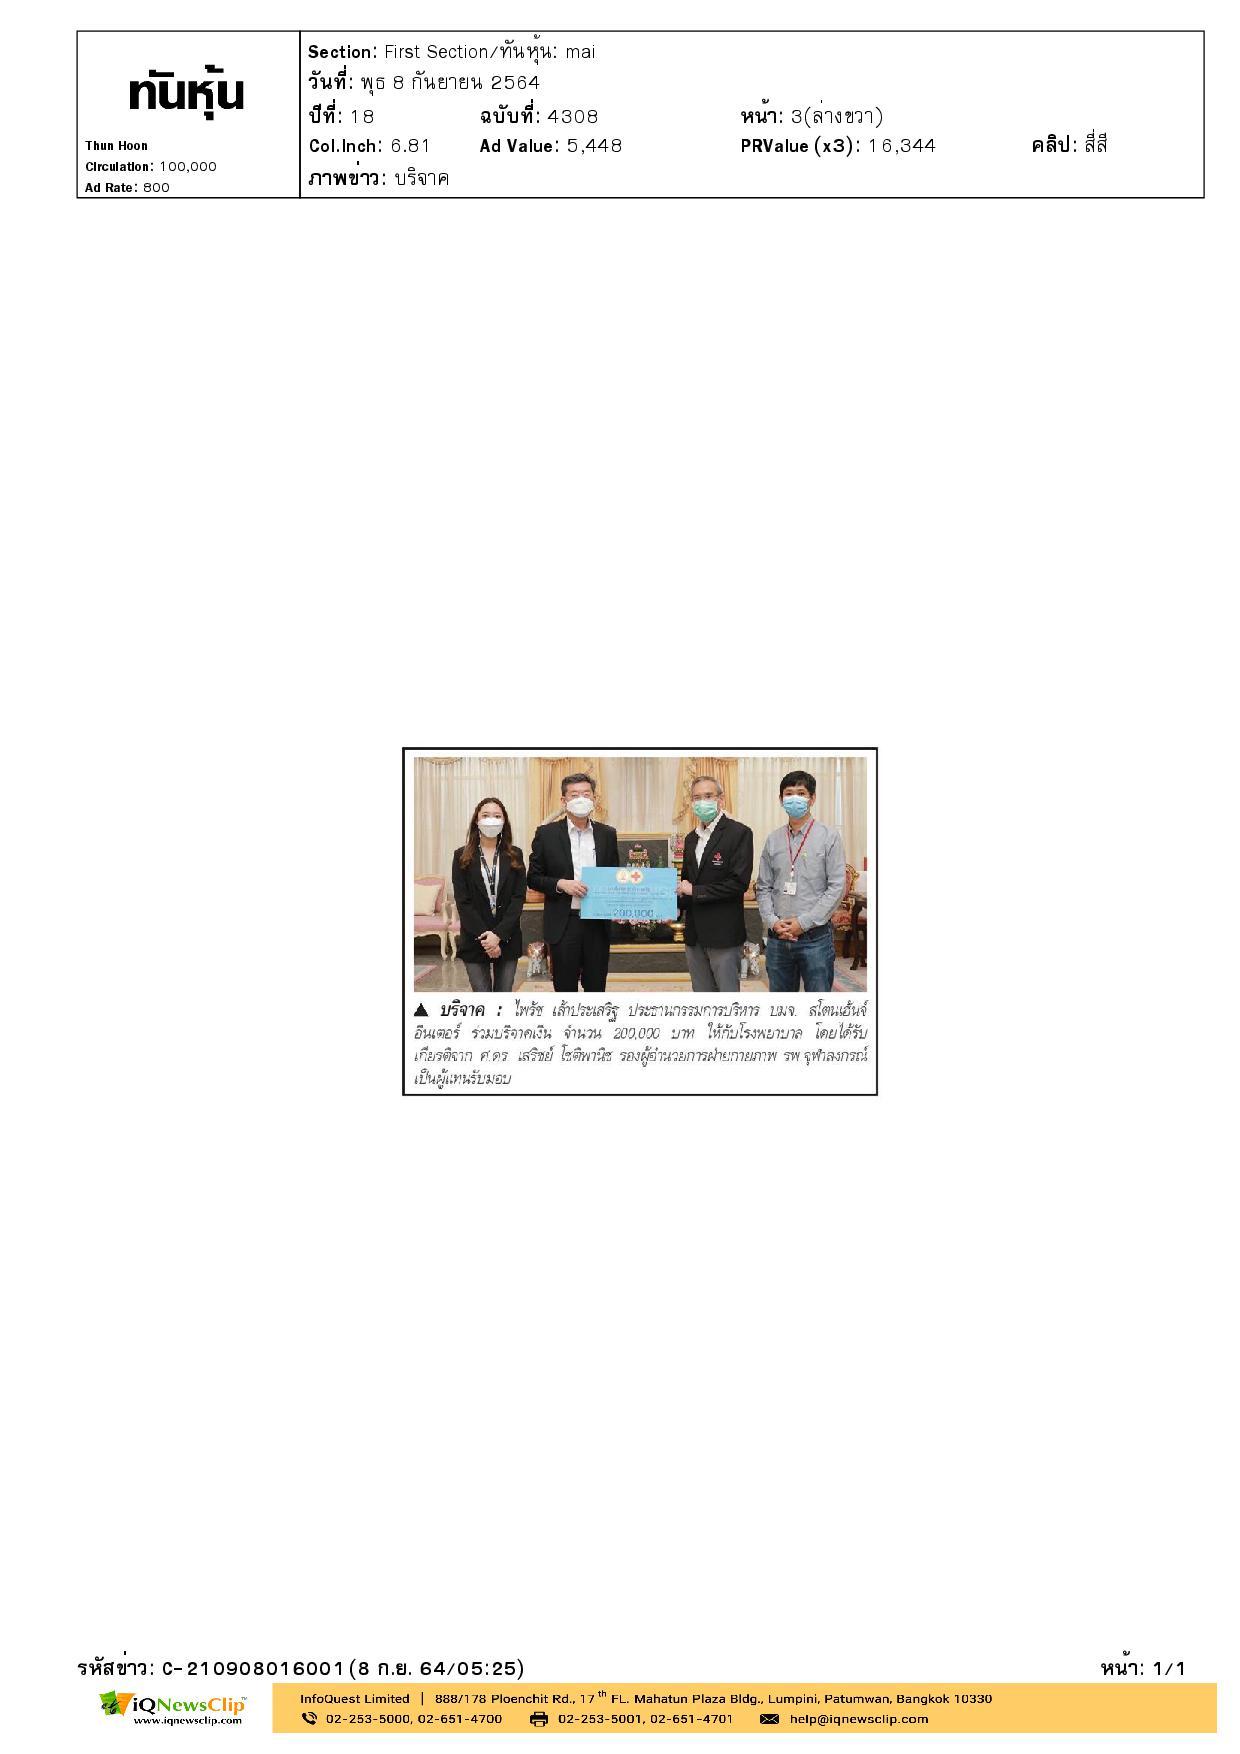 ศ.ดร.เสริชย์ โชติพานิช รับมอบเงินบริจาคจาก บมจ. สโตนเฮ้นจ์ อินเตอร์ เพื่อสมทบทุนจัดซื้อเครื่องมือแพทย์ รพ.จุฬาฯ